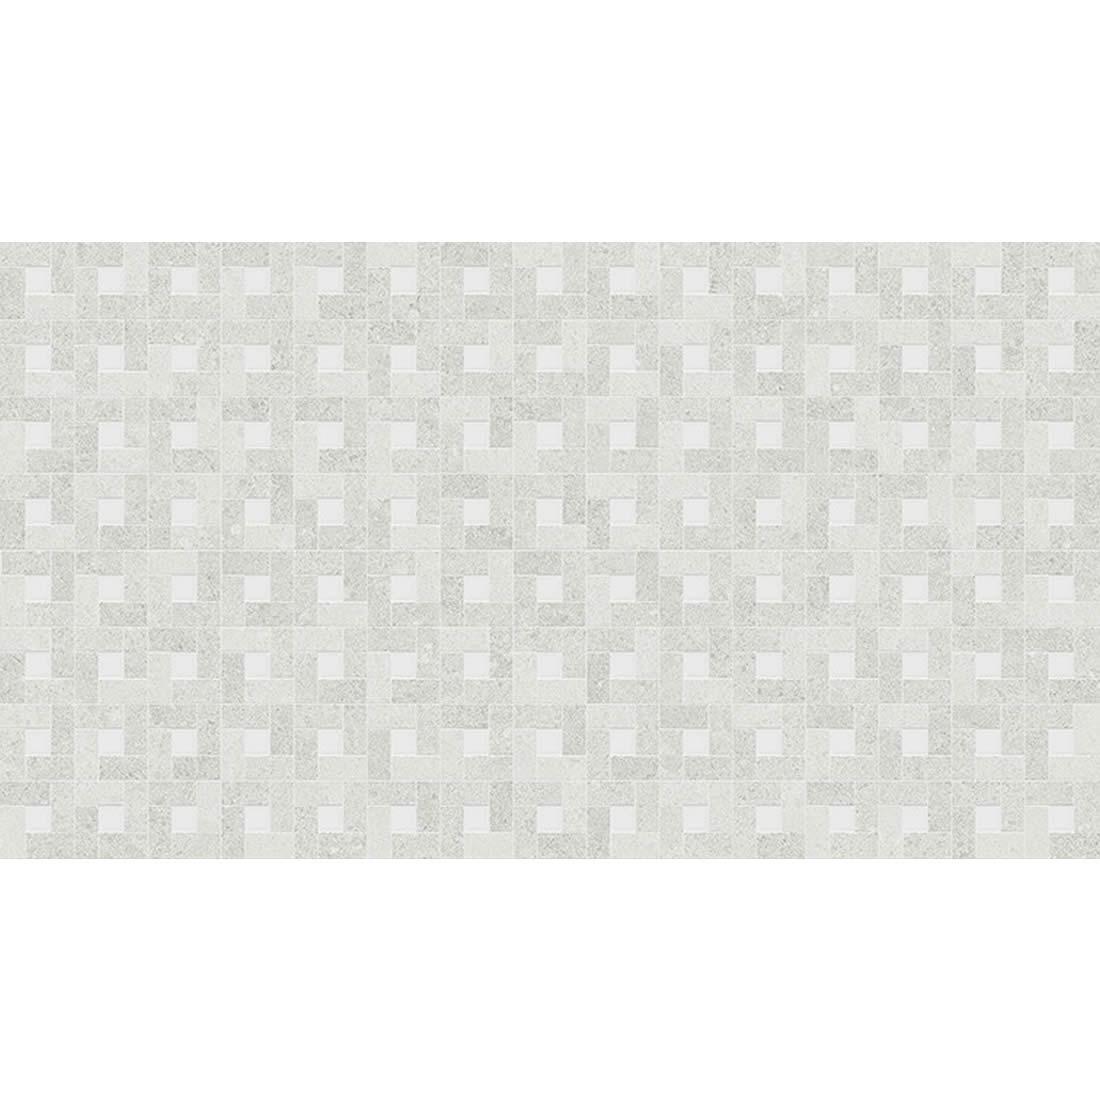 Revestimento Incopisos 32 x 57,5 Ref: 040136 HD Com 2,00mts na Caixa